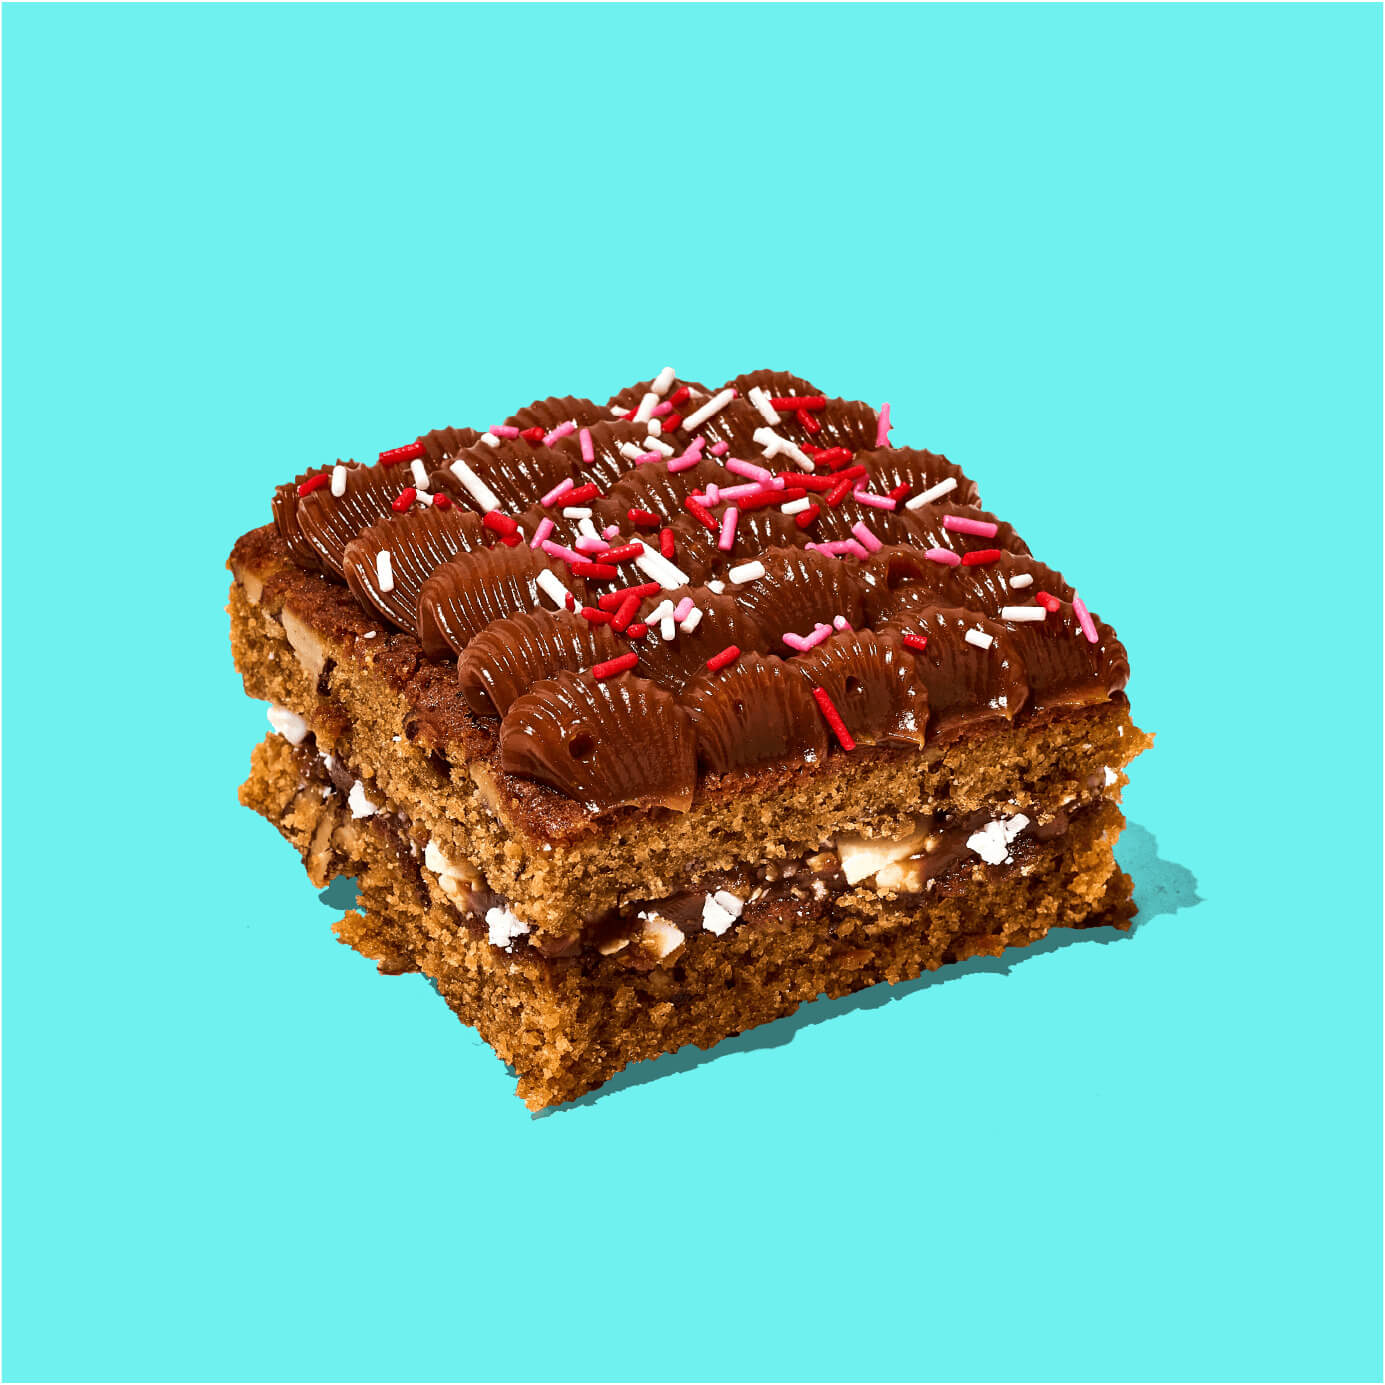 Delicioso Brownie blondie relleno de manjar con trozos de chocolate blanco. Decorado con manjar blanco y confites.  Medida de Producto: 6.5 cm de ancho, 6.5 cm de largo, 3.5 cm de altura